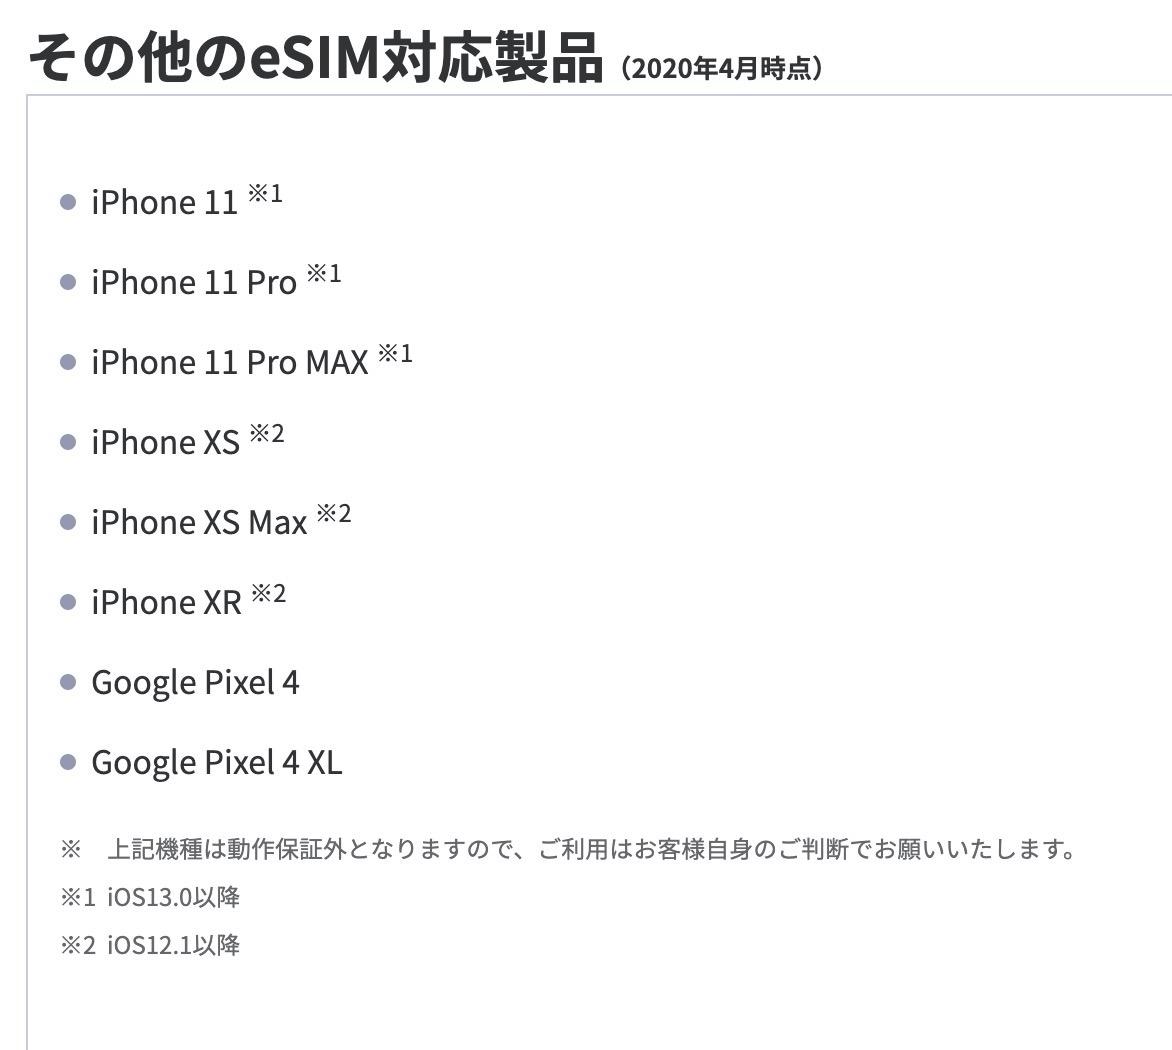 【楽天モバイル】eSIM対応製品にiPhone 11/XS/XRを加える → ただし動作保証はなし